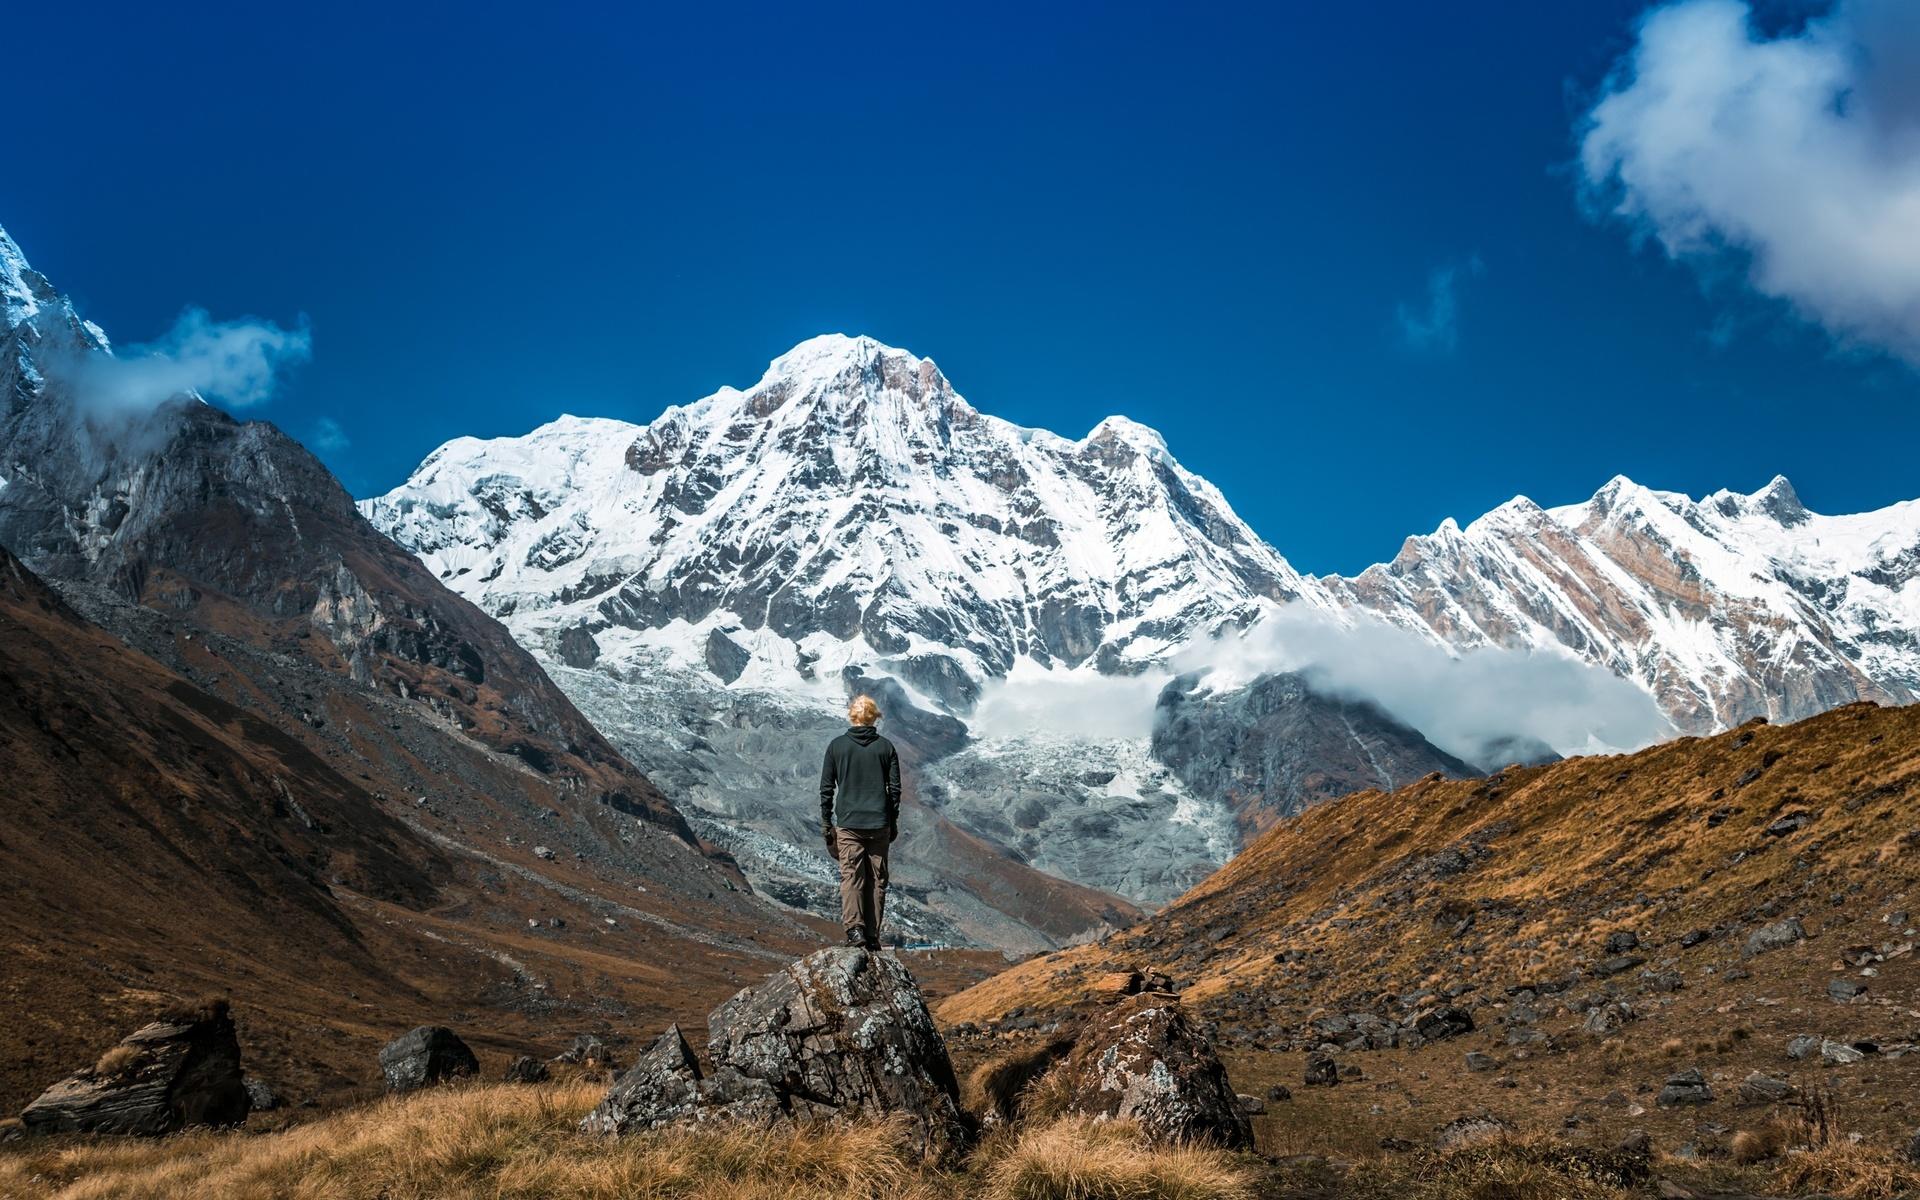 природа, снег, горы, человек